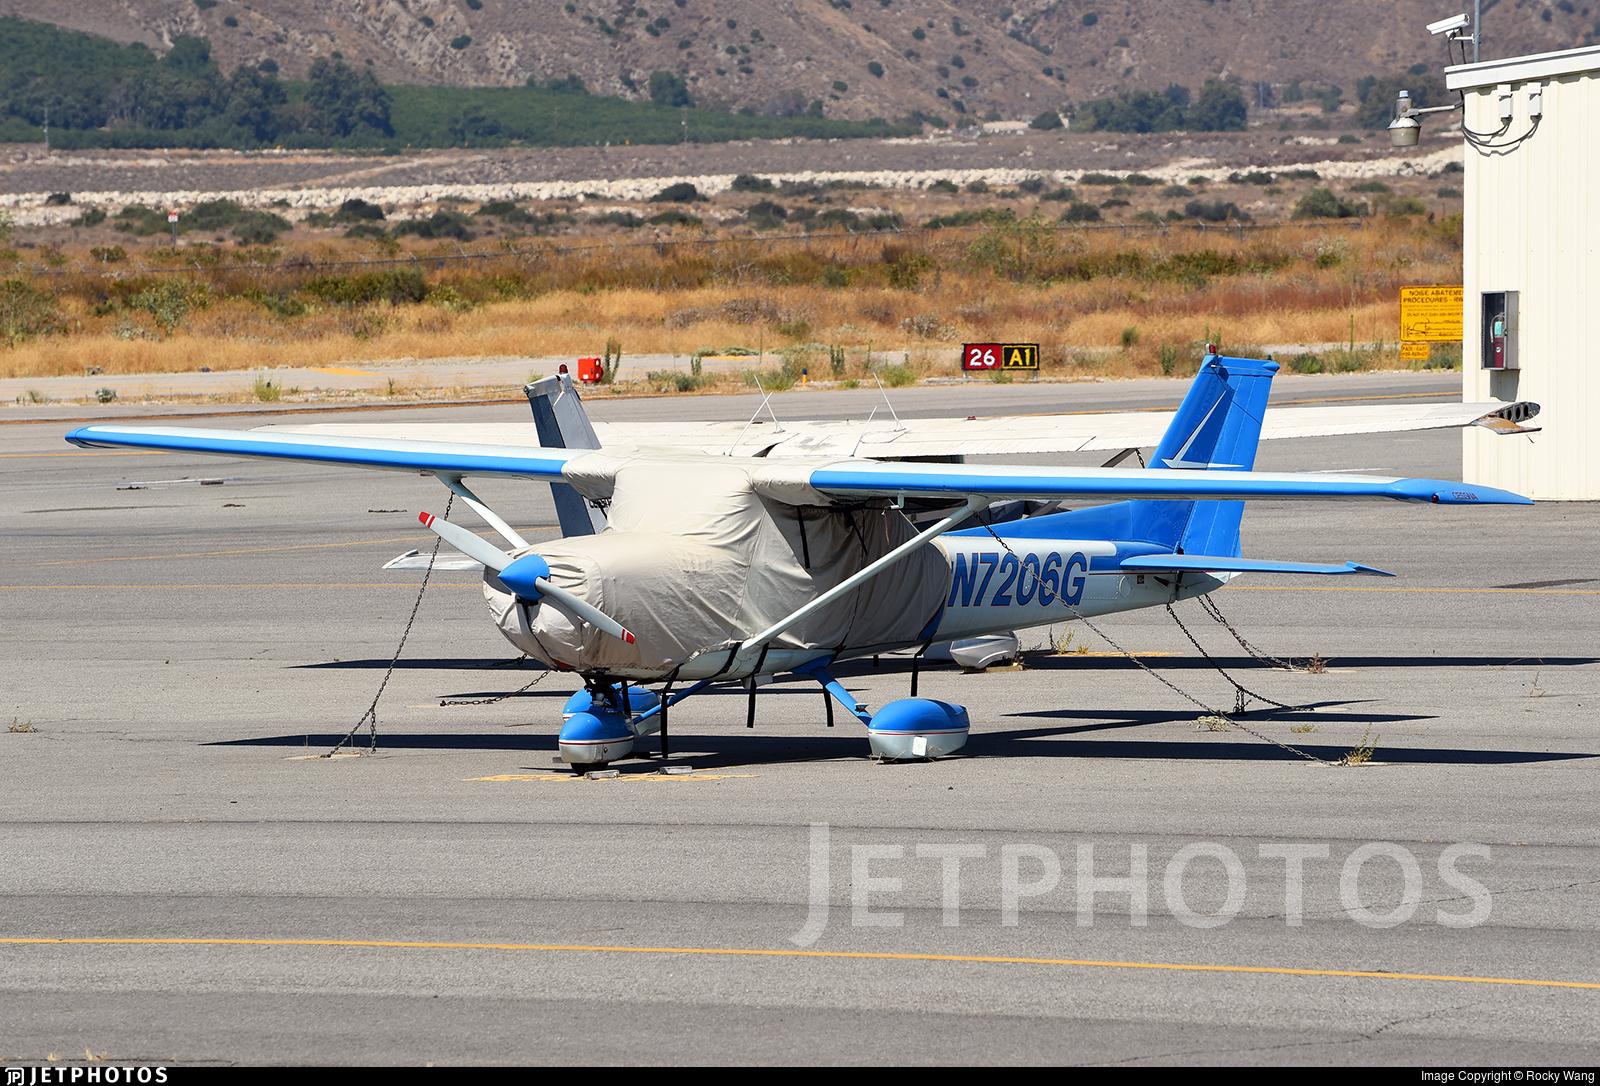 N7206G - Cessna 150L - Private